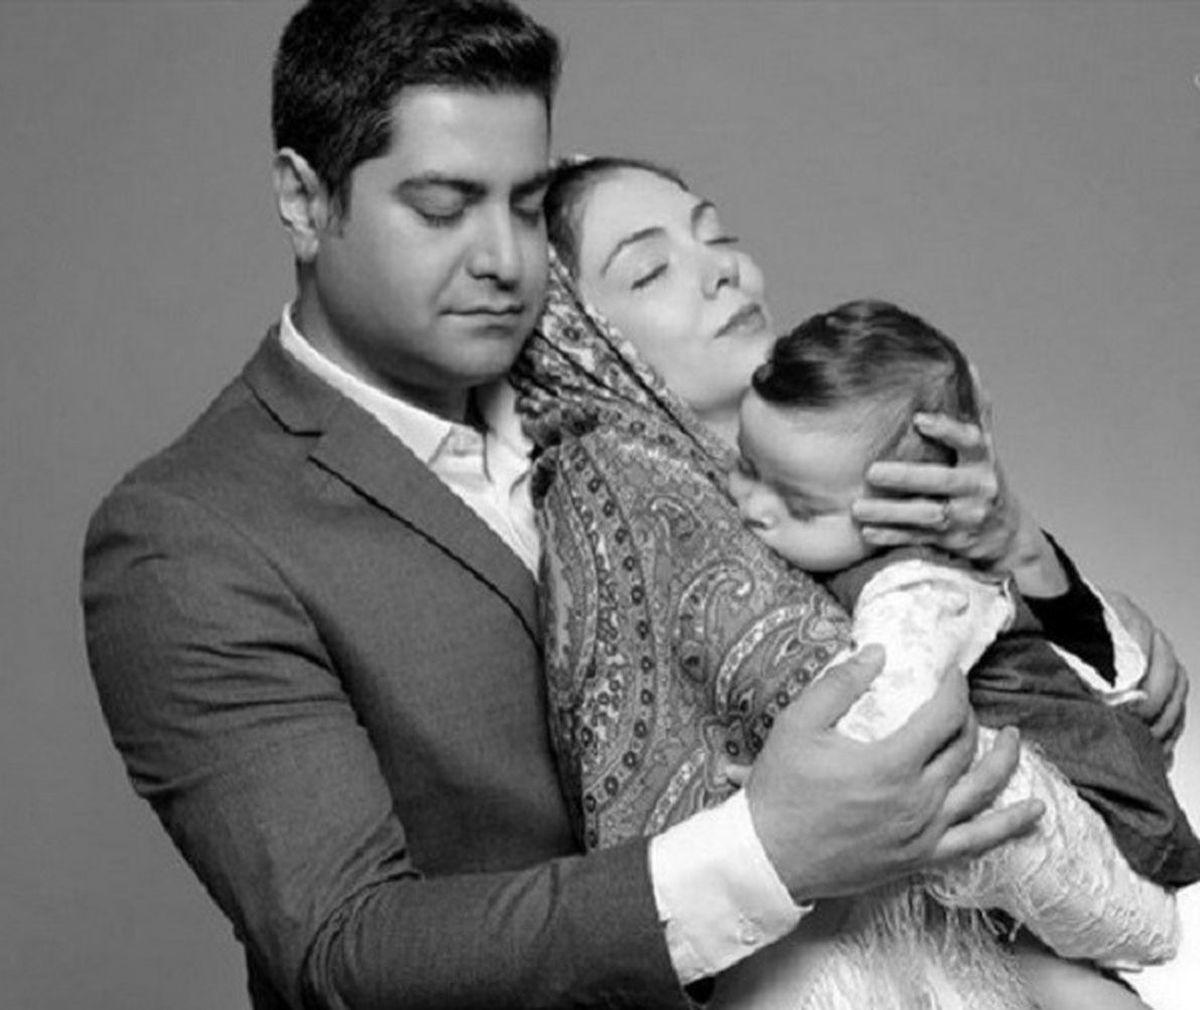 همسر آزاده نامداری دوباره عزادار شد + عکس